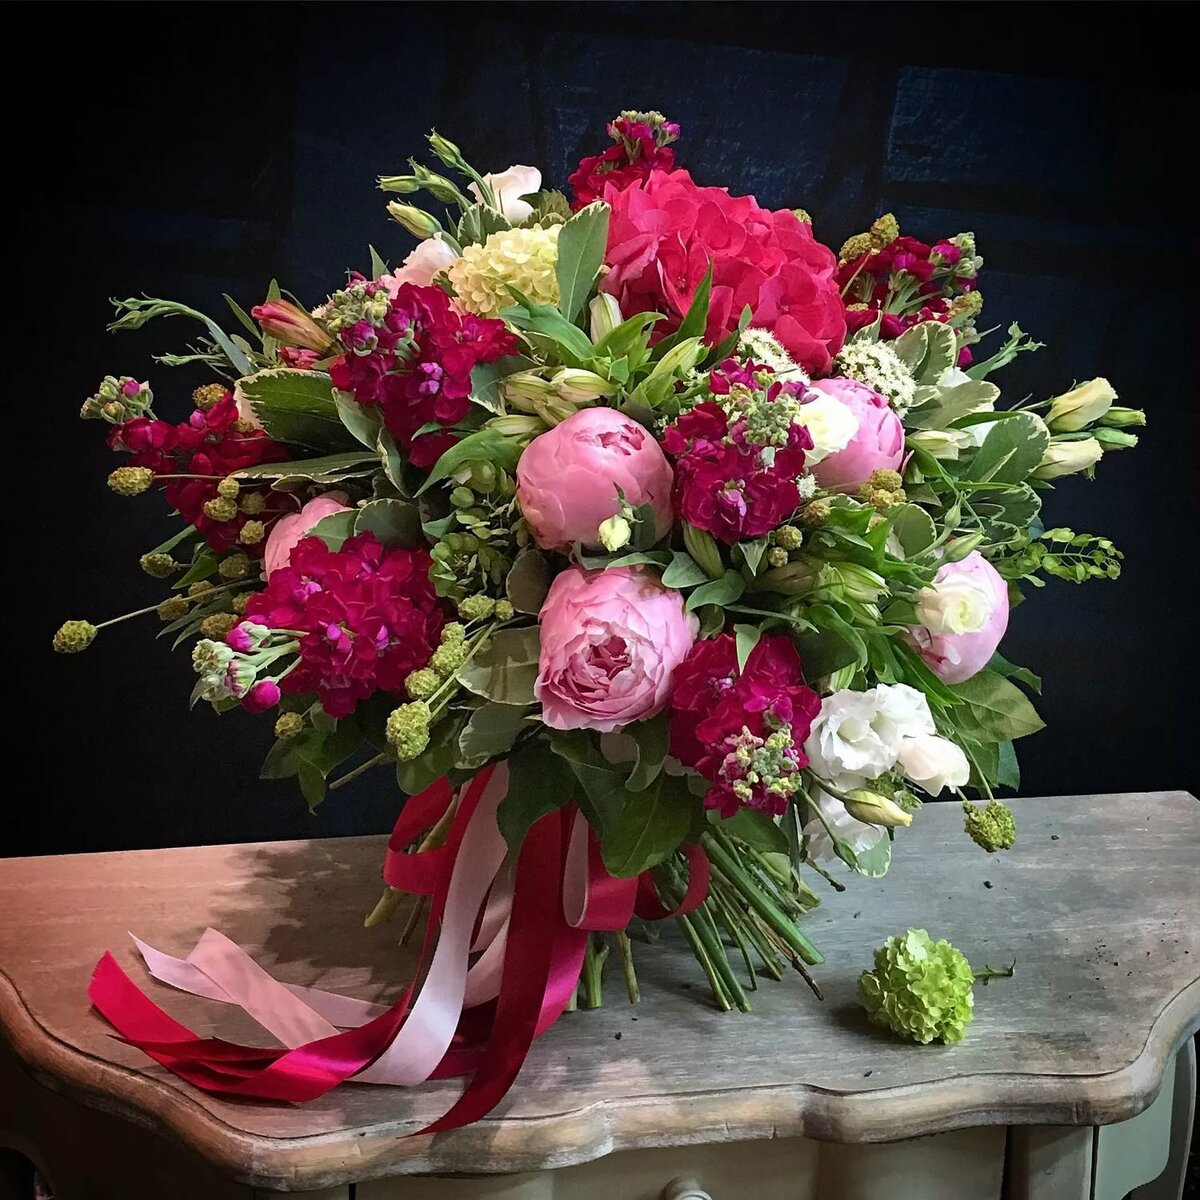 Неожиданно приятный букет цветов, цветов балахну